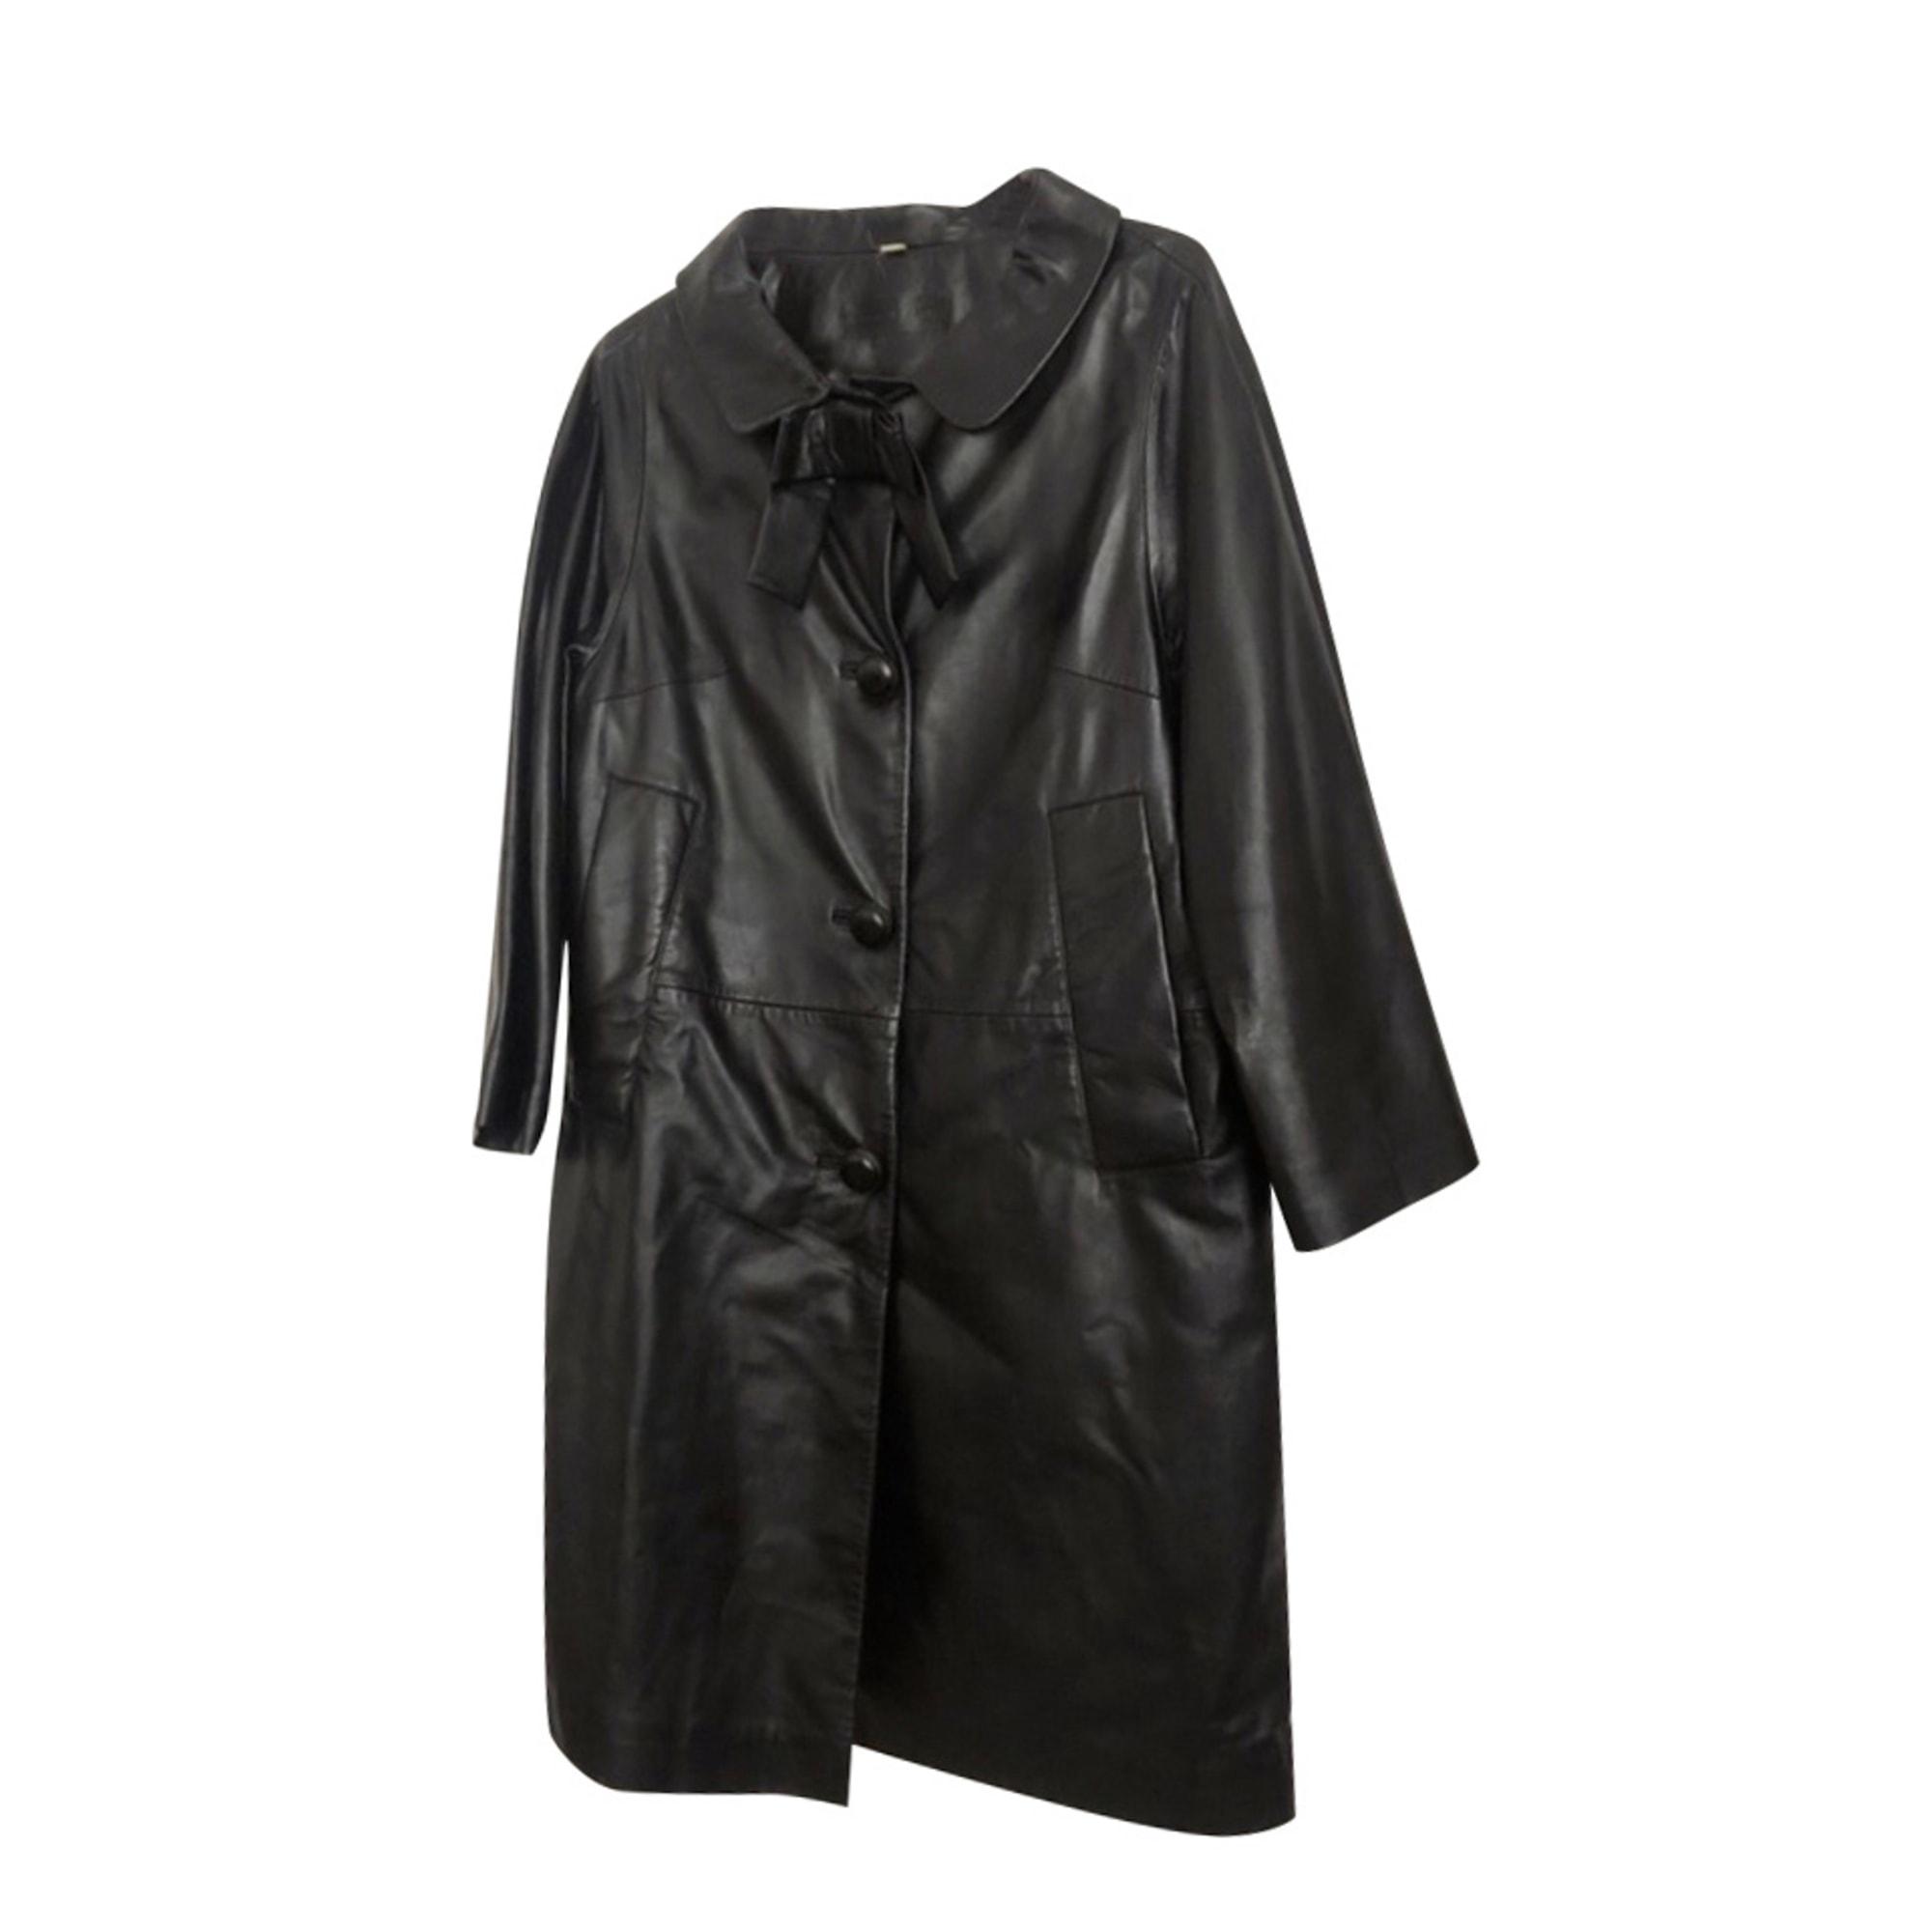 Manteau en cuir MADAME A PARIS Noir